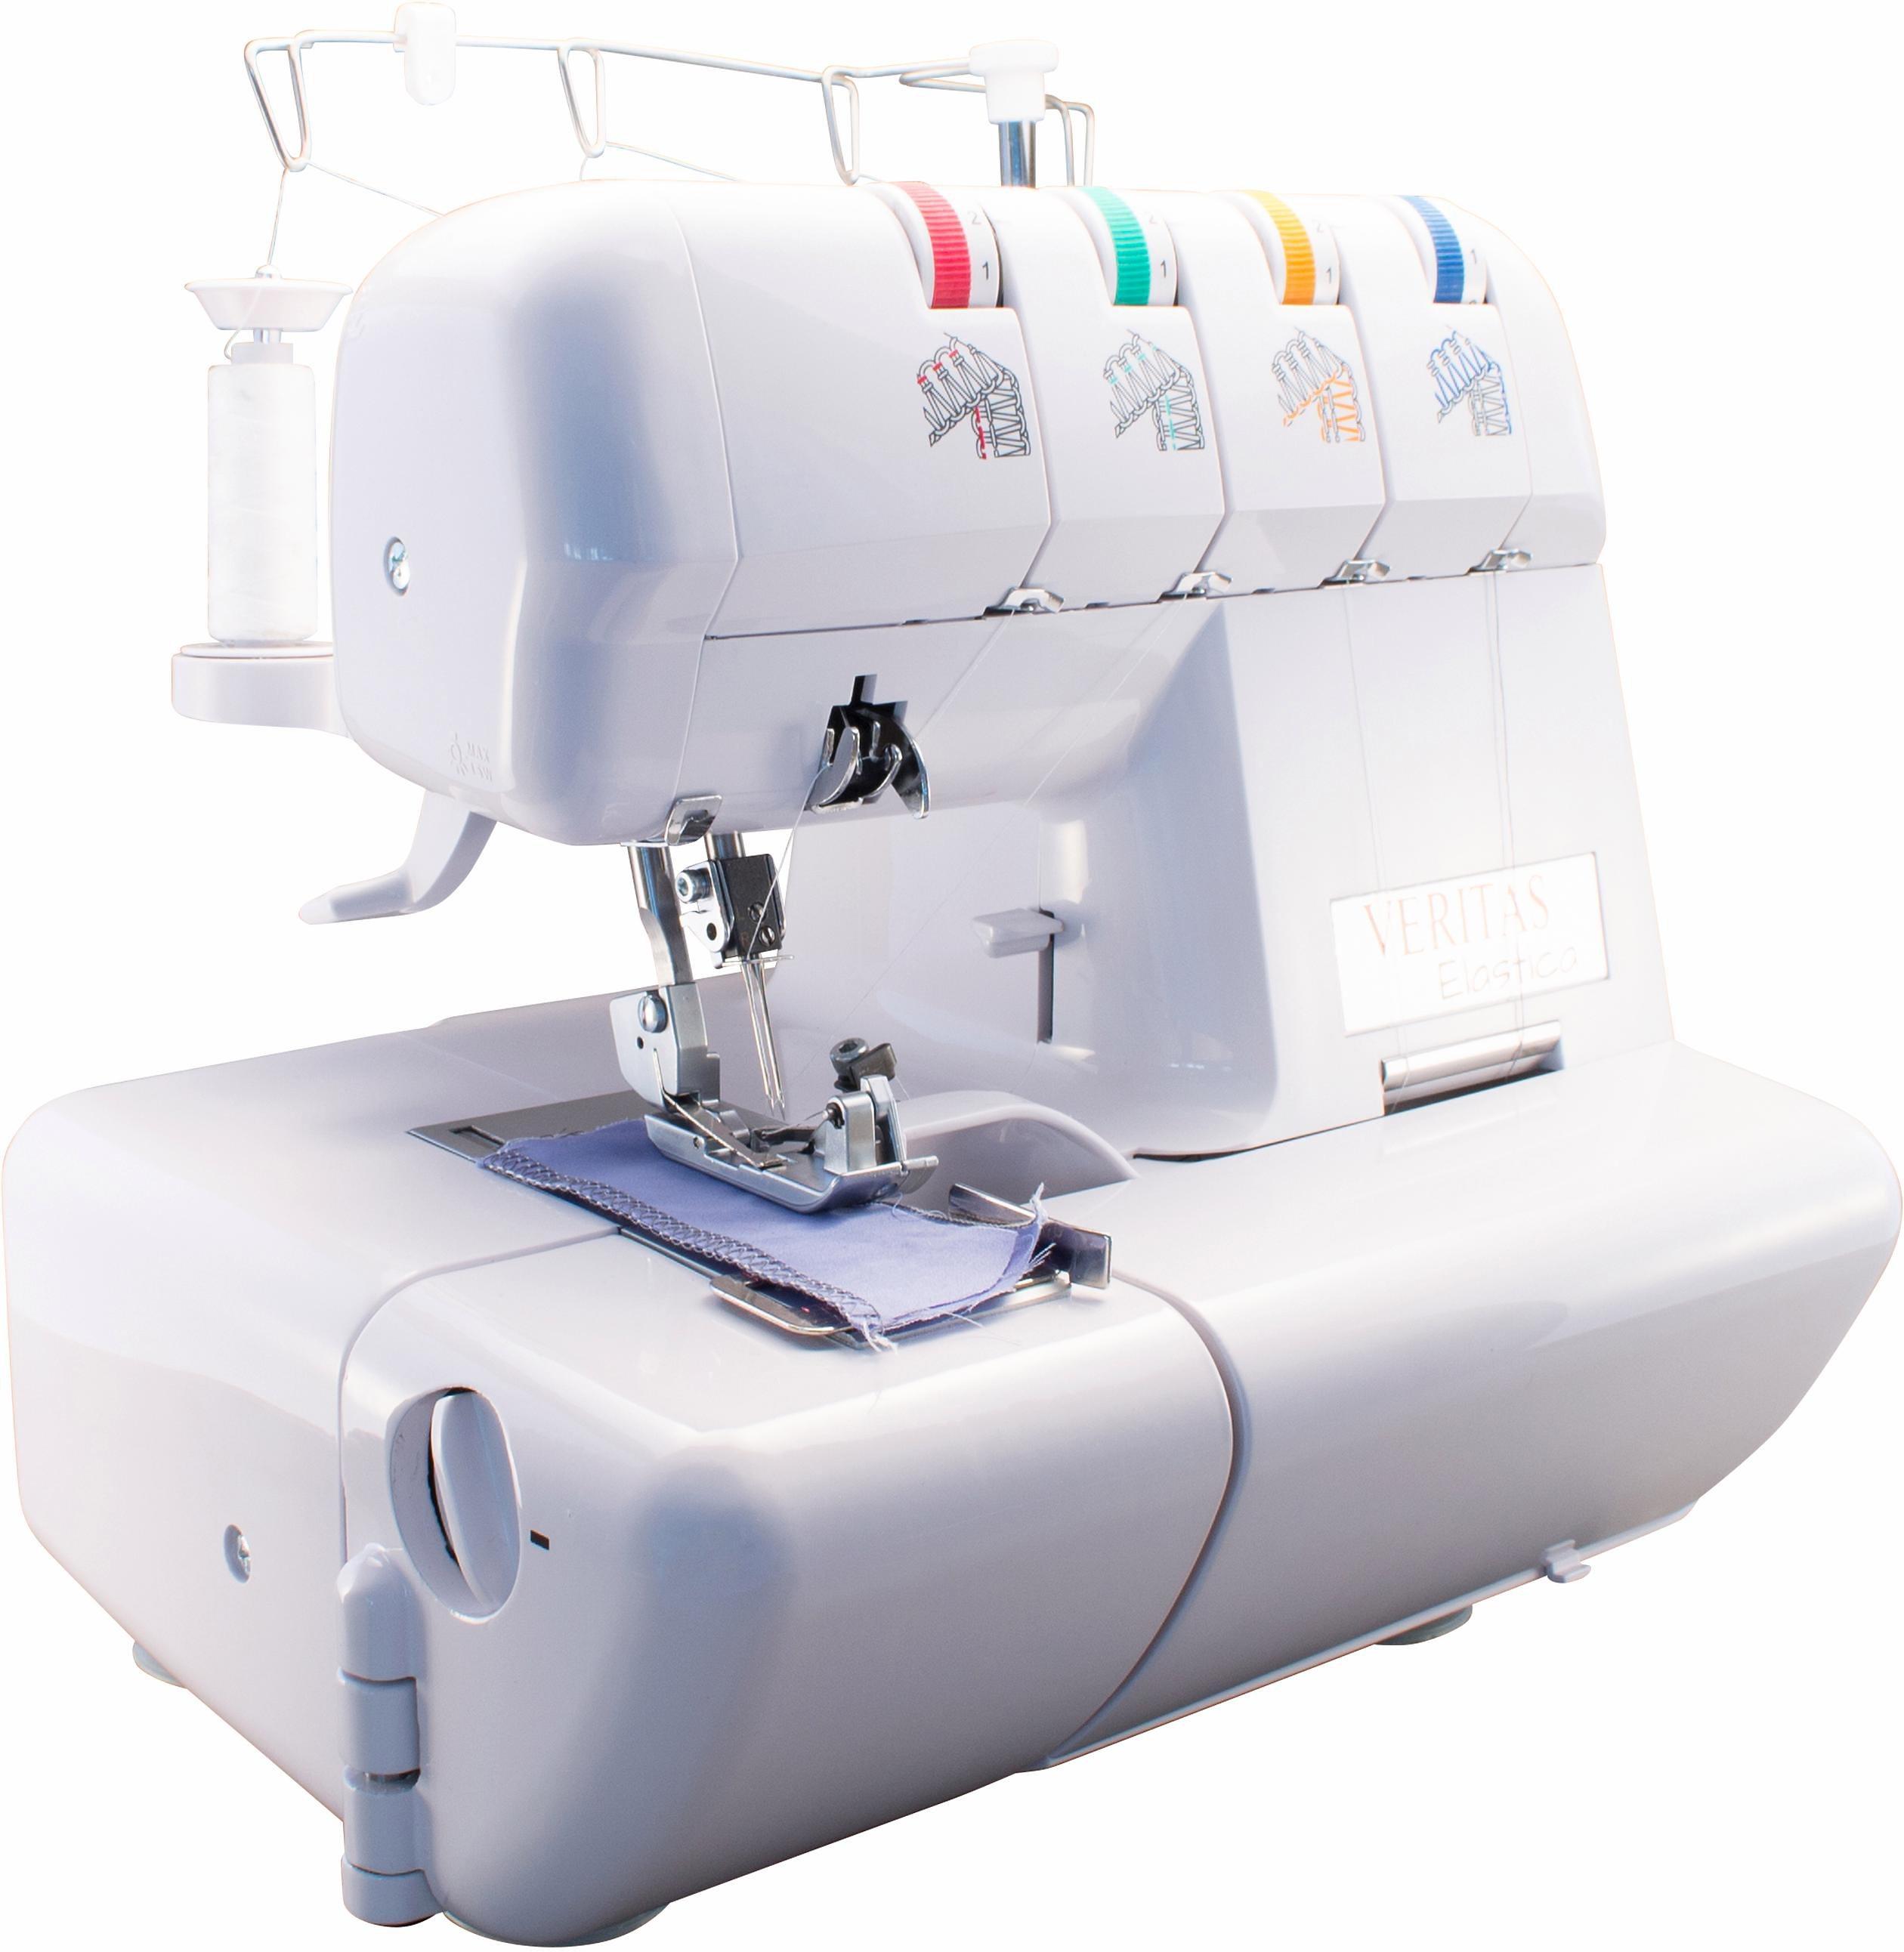 Nähmaschine Gritzner Durlach Rarität (Singer)Sewing Motor